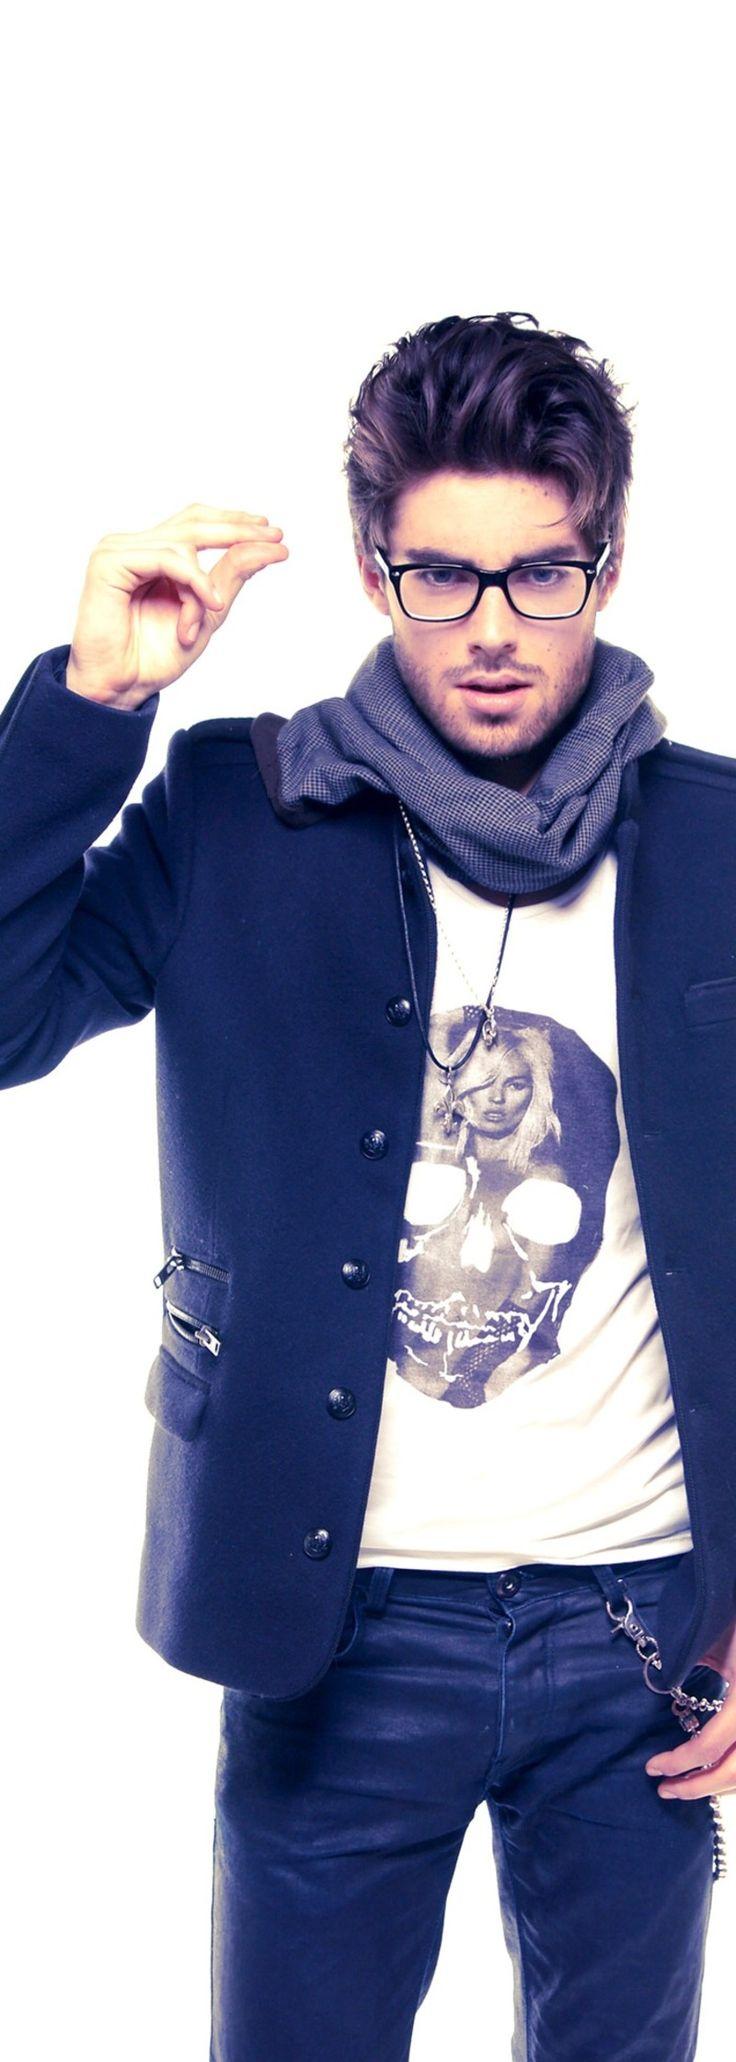 メガネ男子のジャケットTシャツコーデ|TiMEzaFashion-男性ファッション-